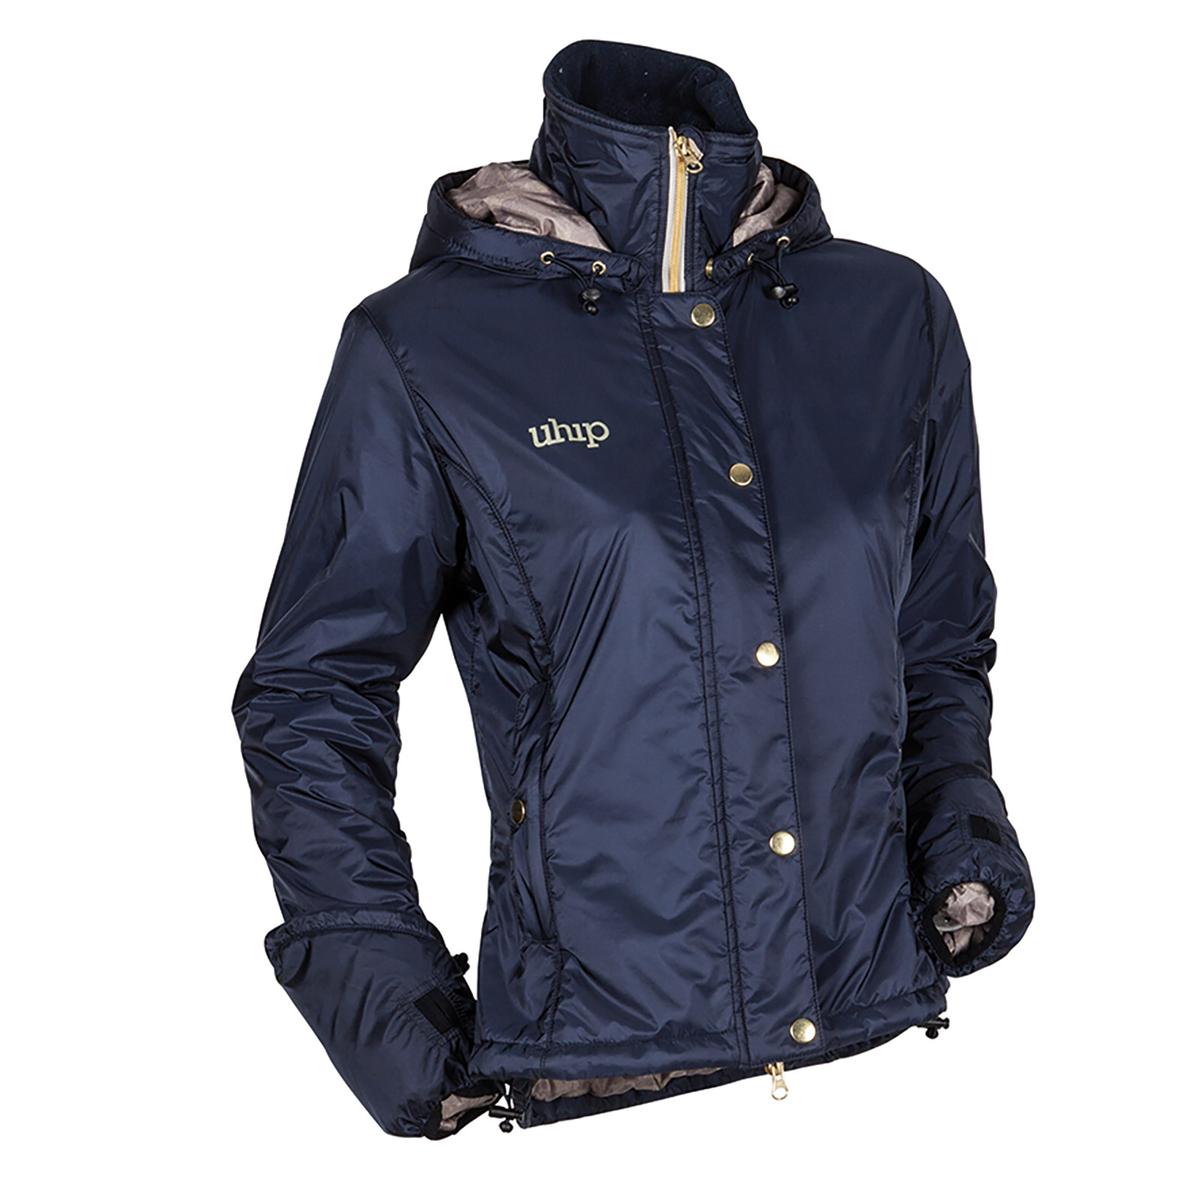 uhip kappa arctic sport grå finns på PricePi.com. f8709d9cc97d3